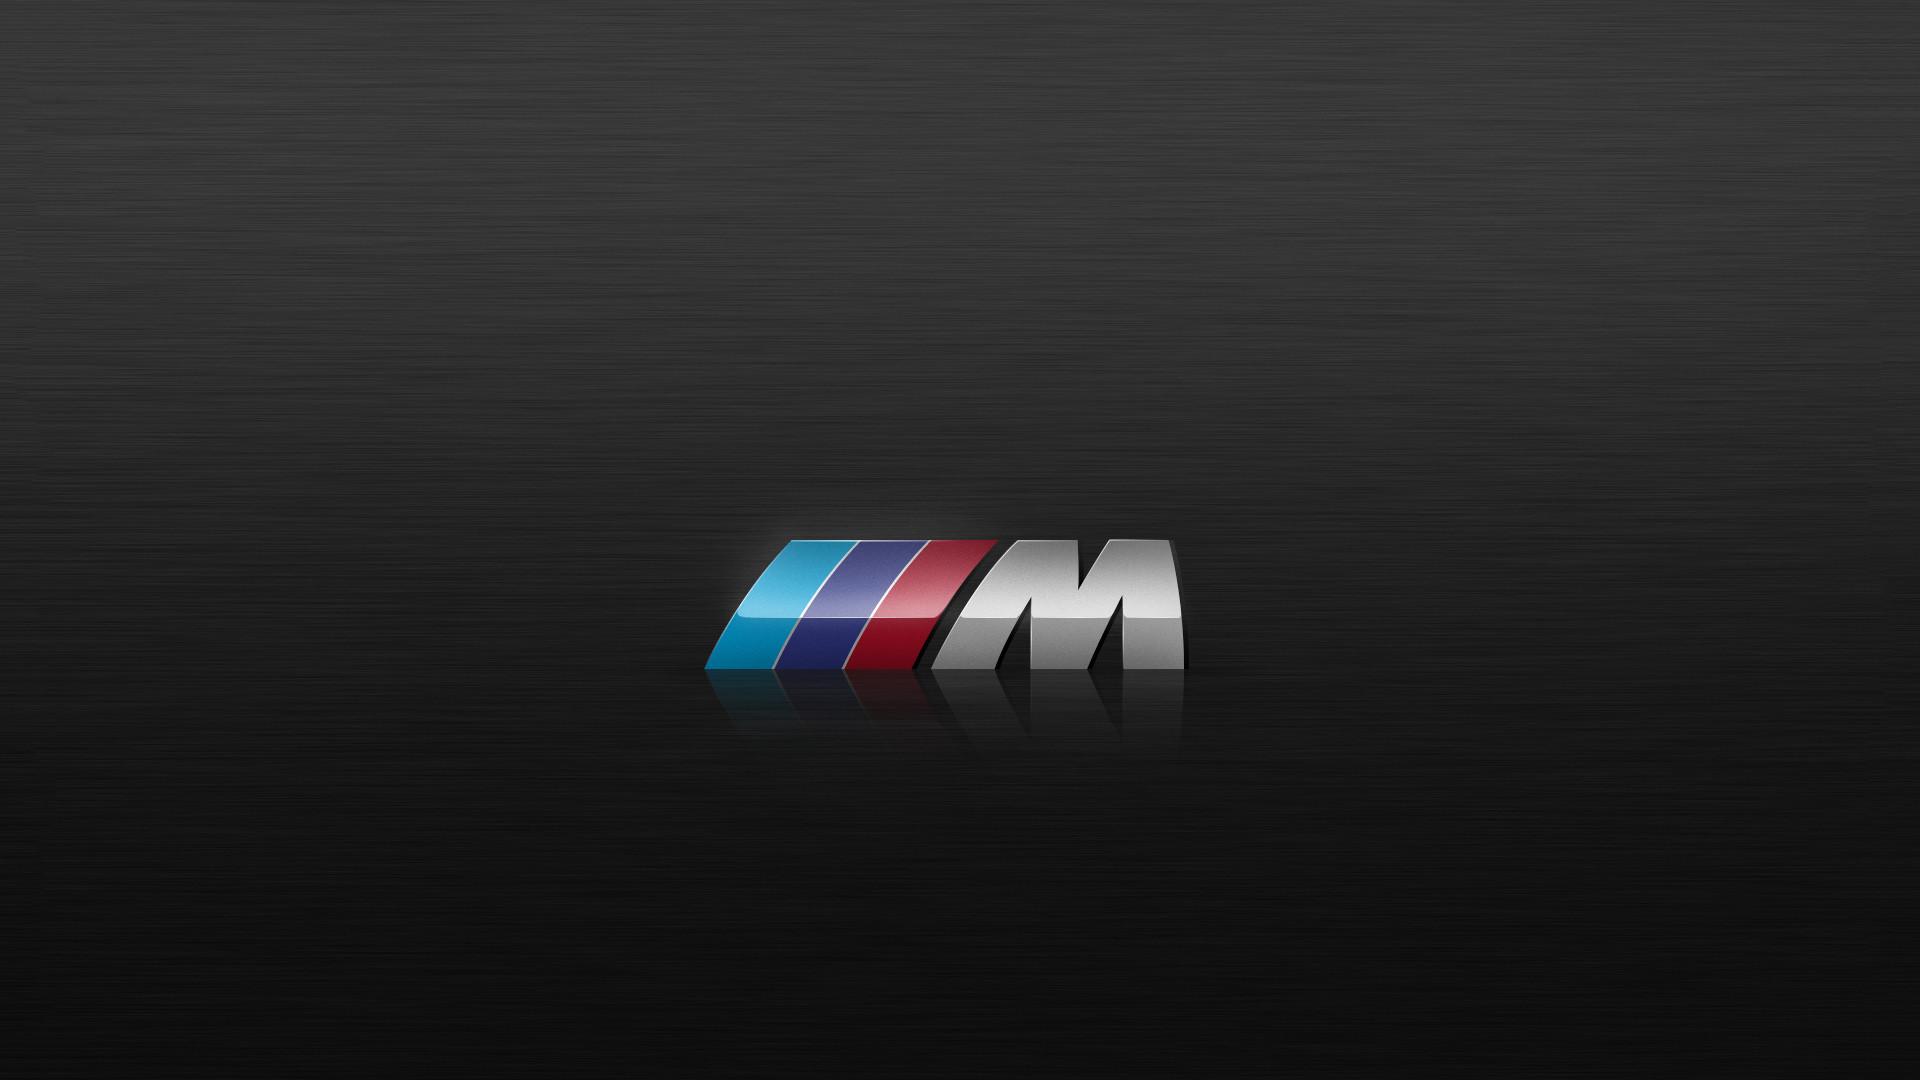 Bmw M Wallpaper. bmw m logo hd wallpapers